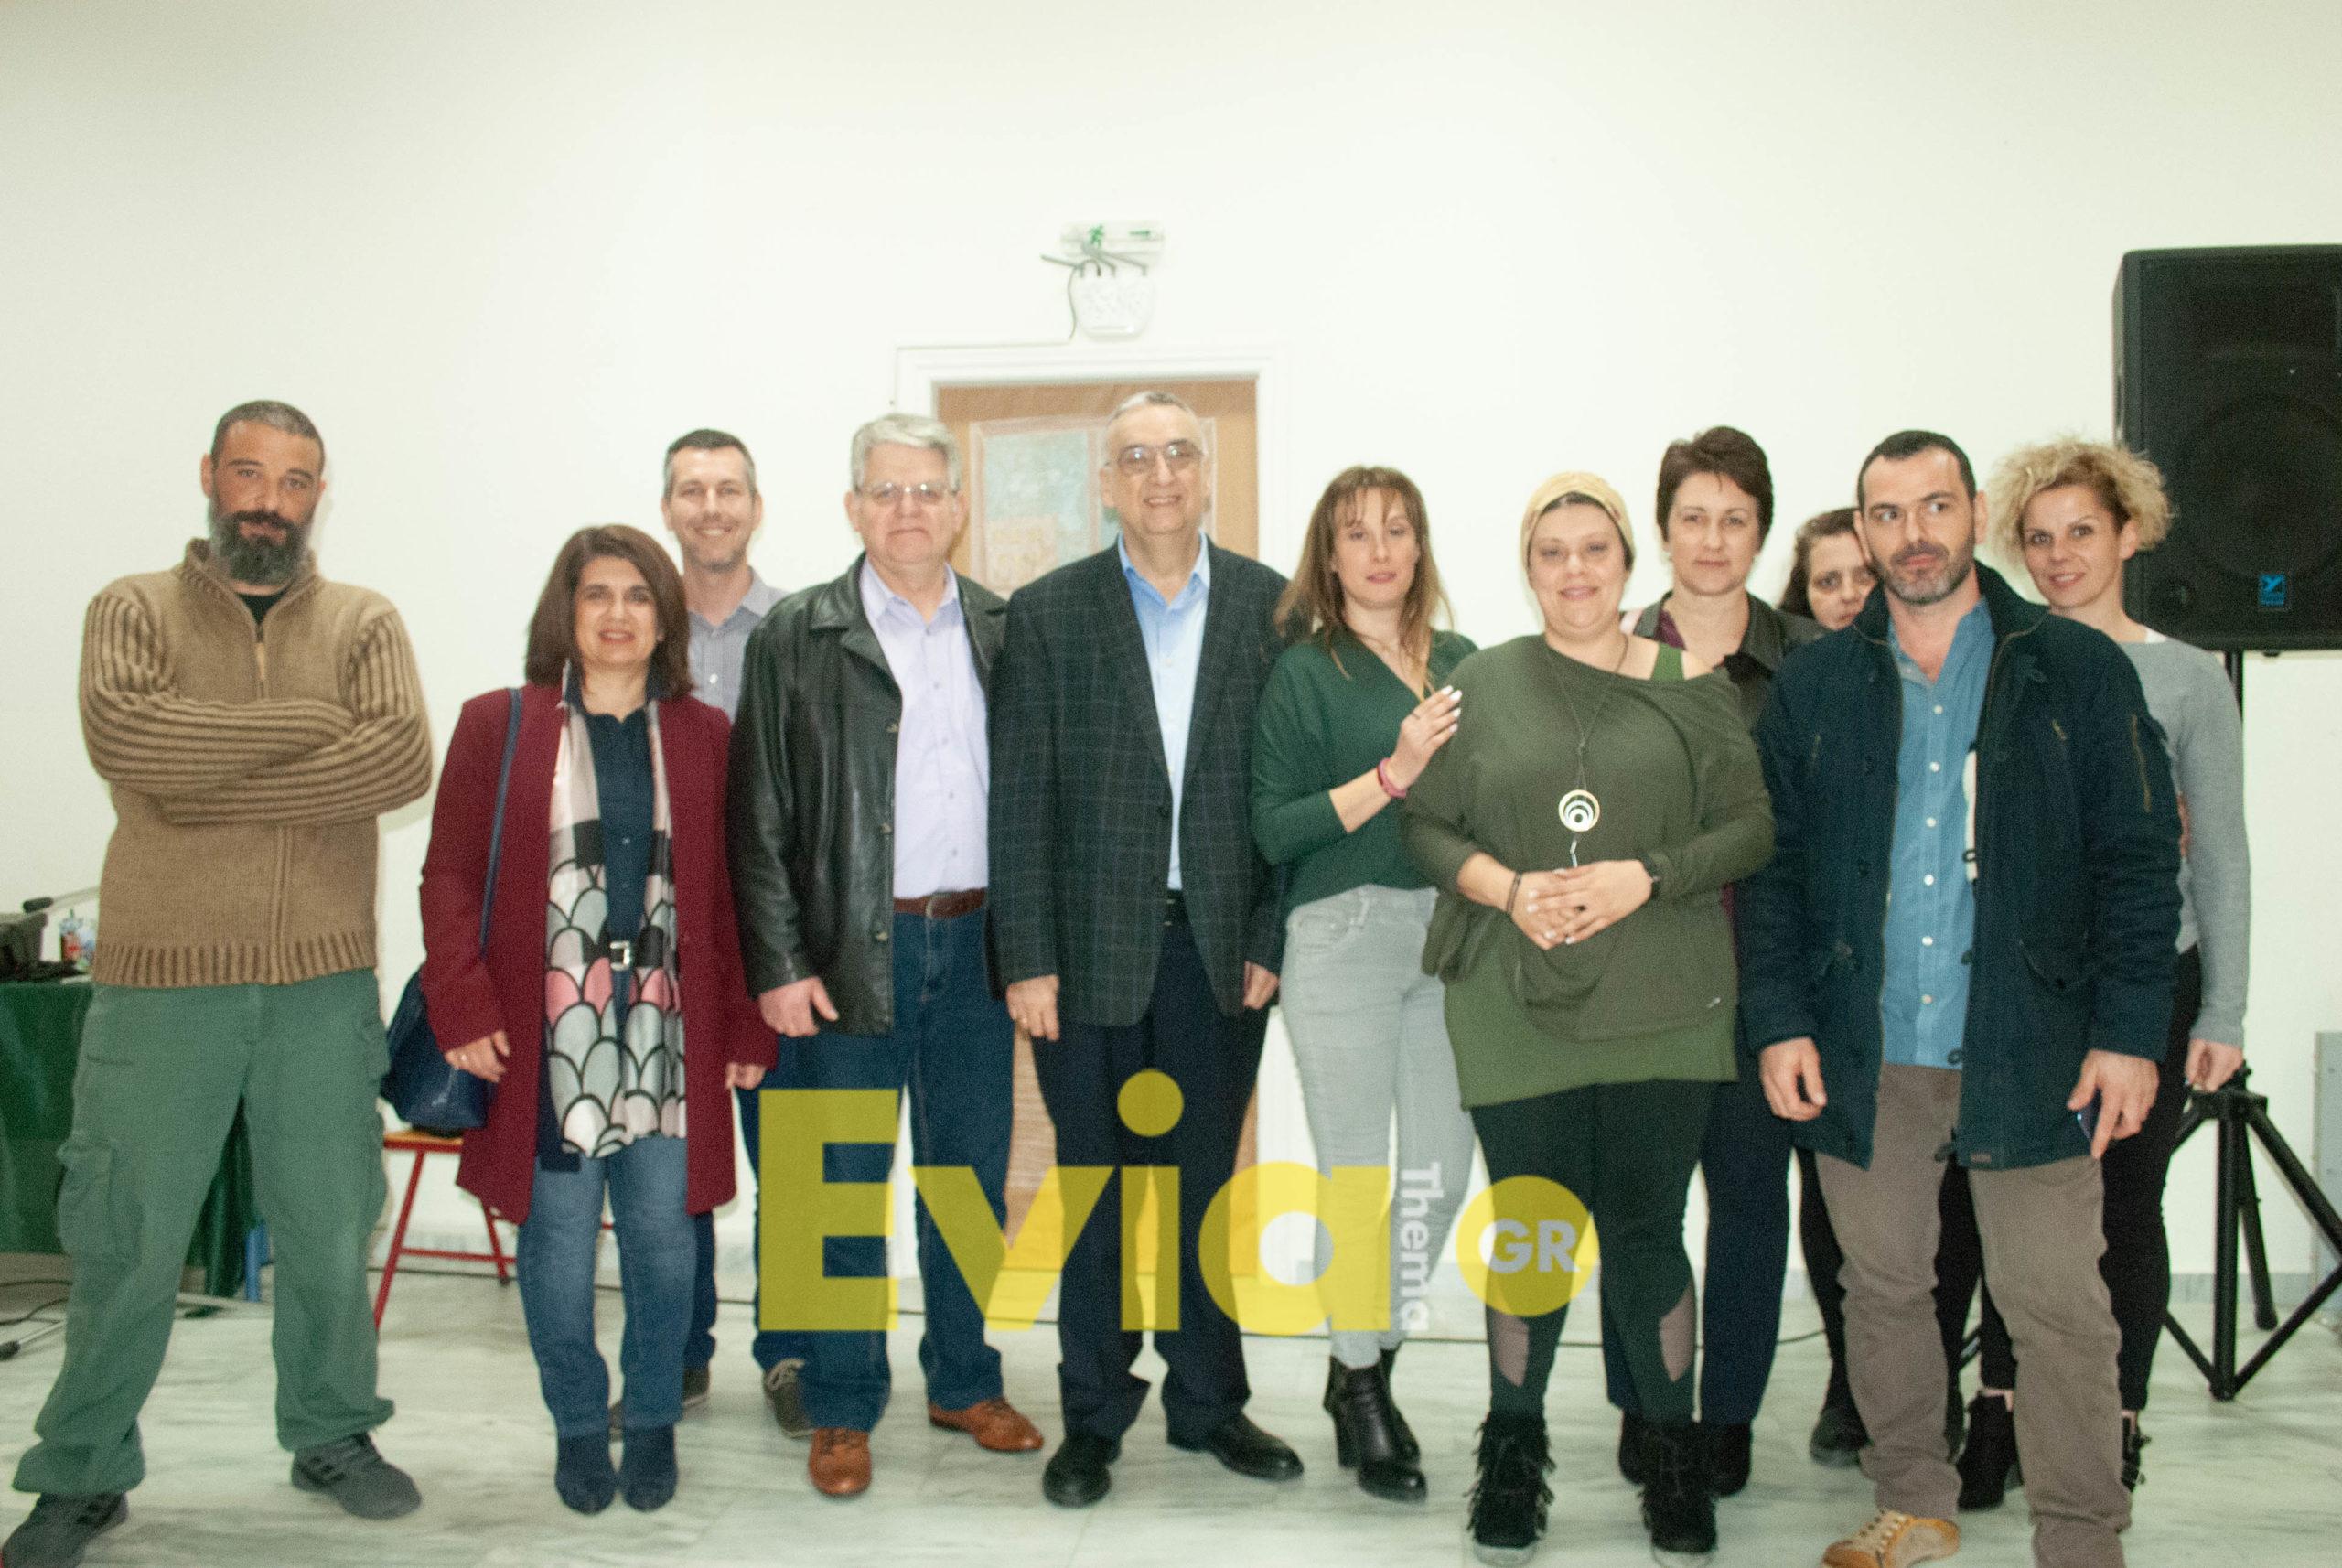 , Σοκαριστική η ομιλία του Δημήτρη Σούρα στα Ψαχνά Ευβοίας, Eviathema.gr | ΕΥΒΟΙΑ ΝΕΑ - Νέα και ειδήσεις από όλη την Εύβοια